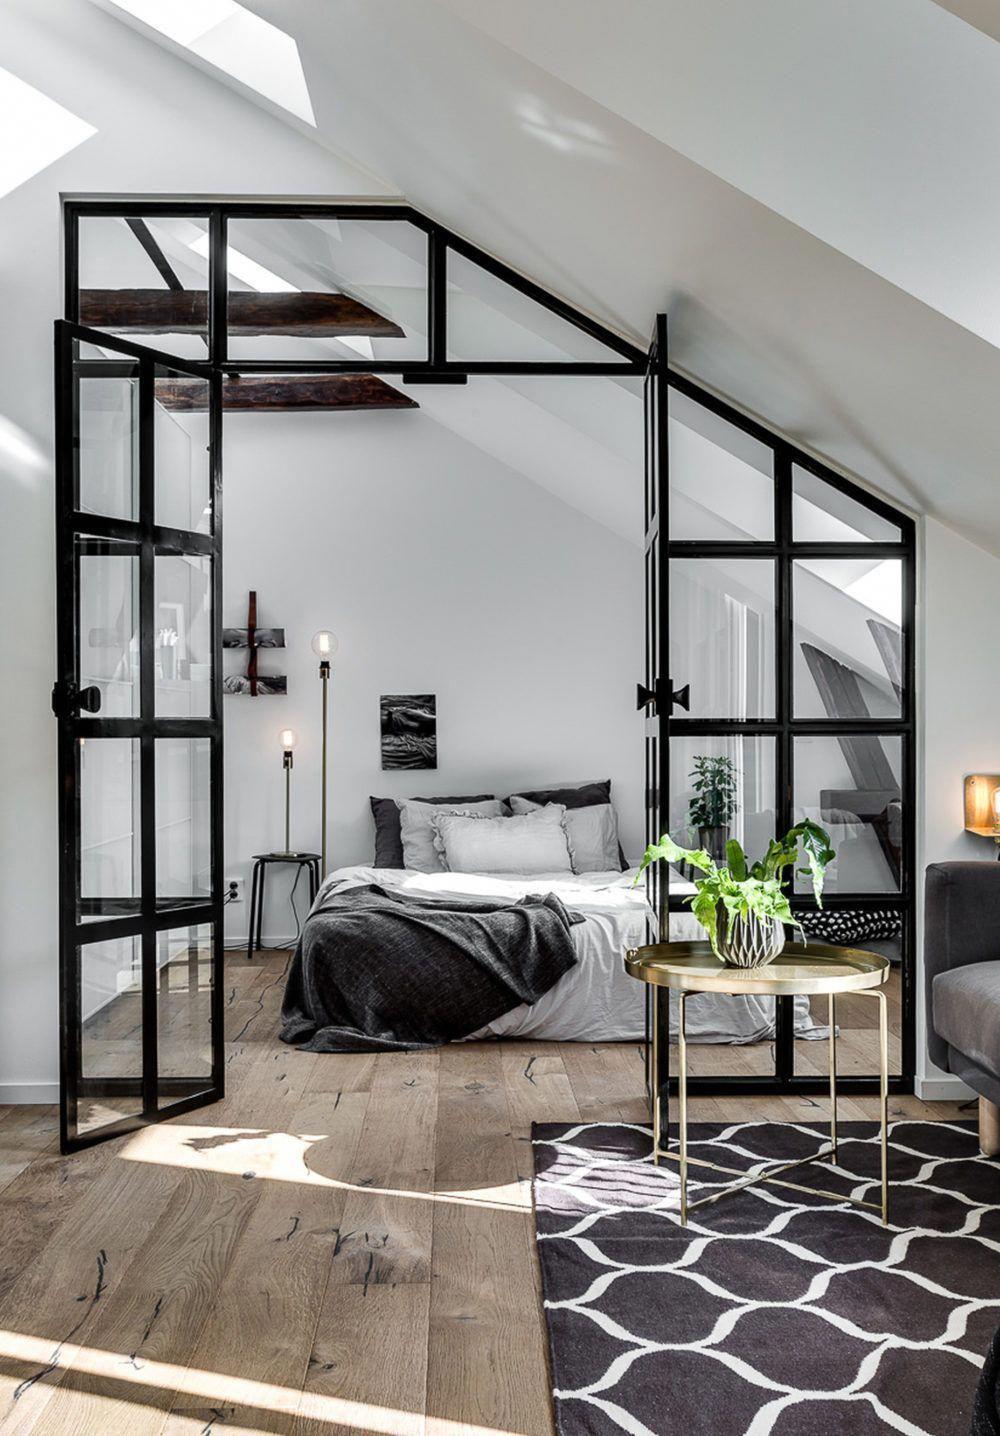 10 mẫu phòng ngủ lý tưởng với vách ngăn bằng kính với không gian còn lại trong nhà - Ảnh 2.